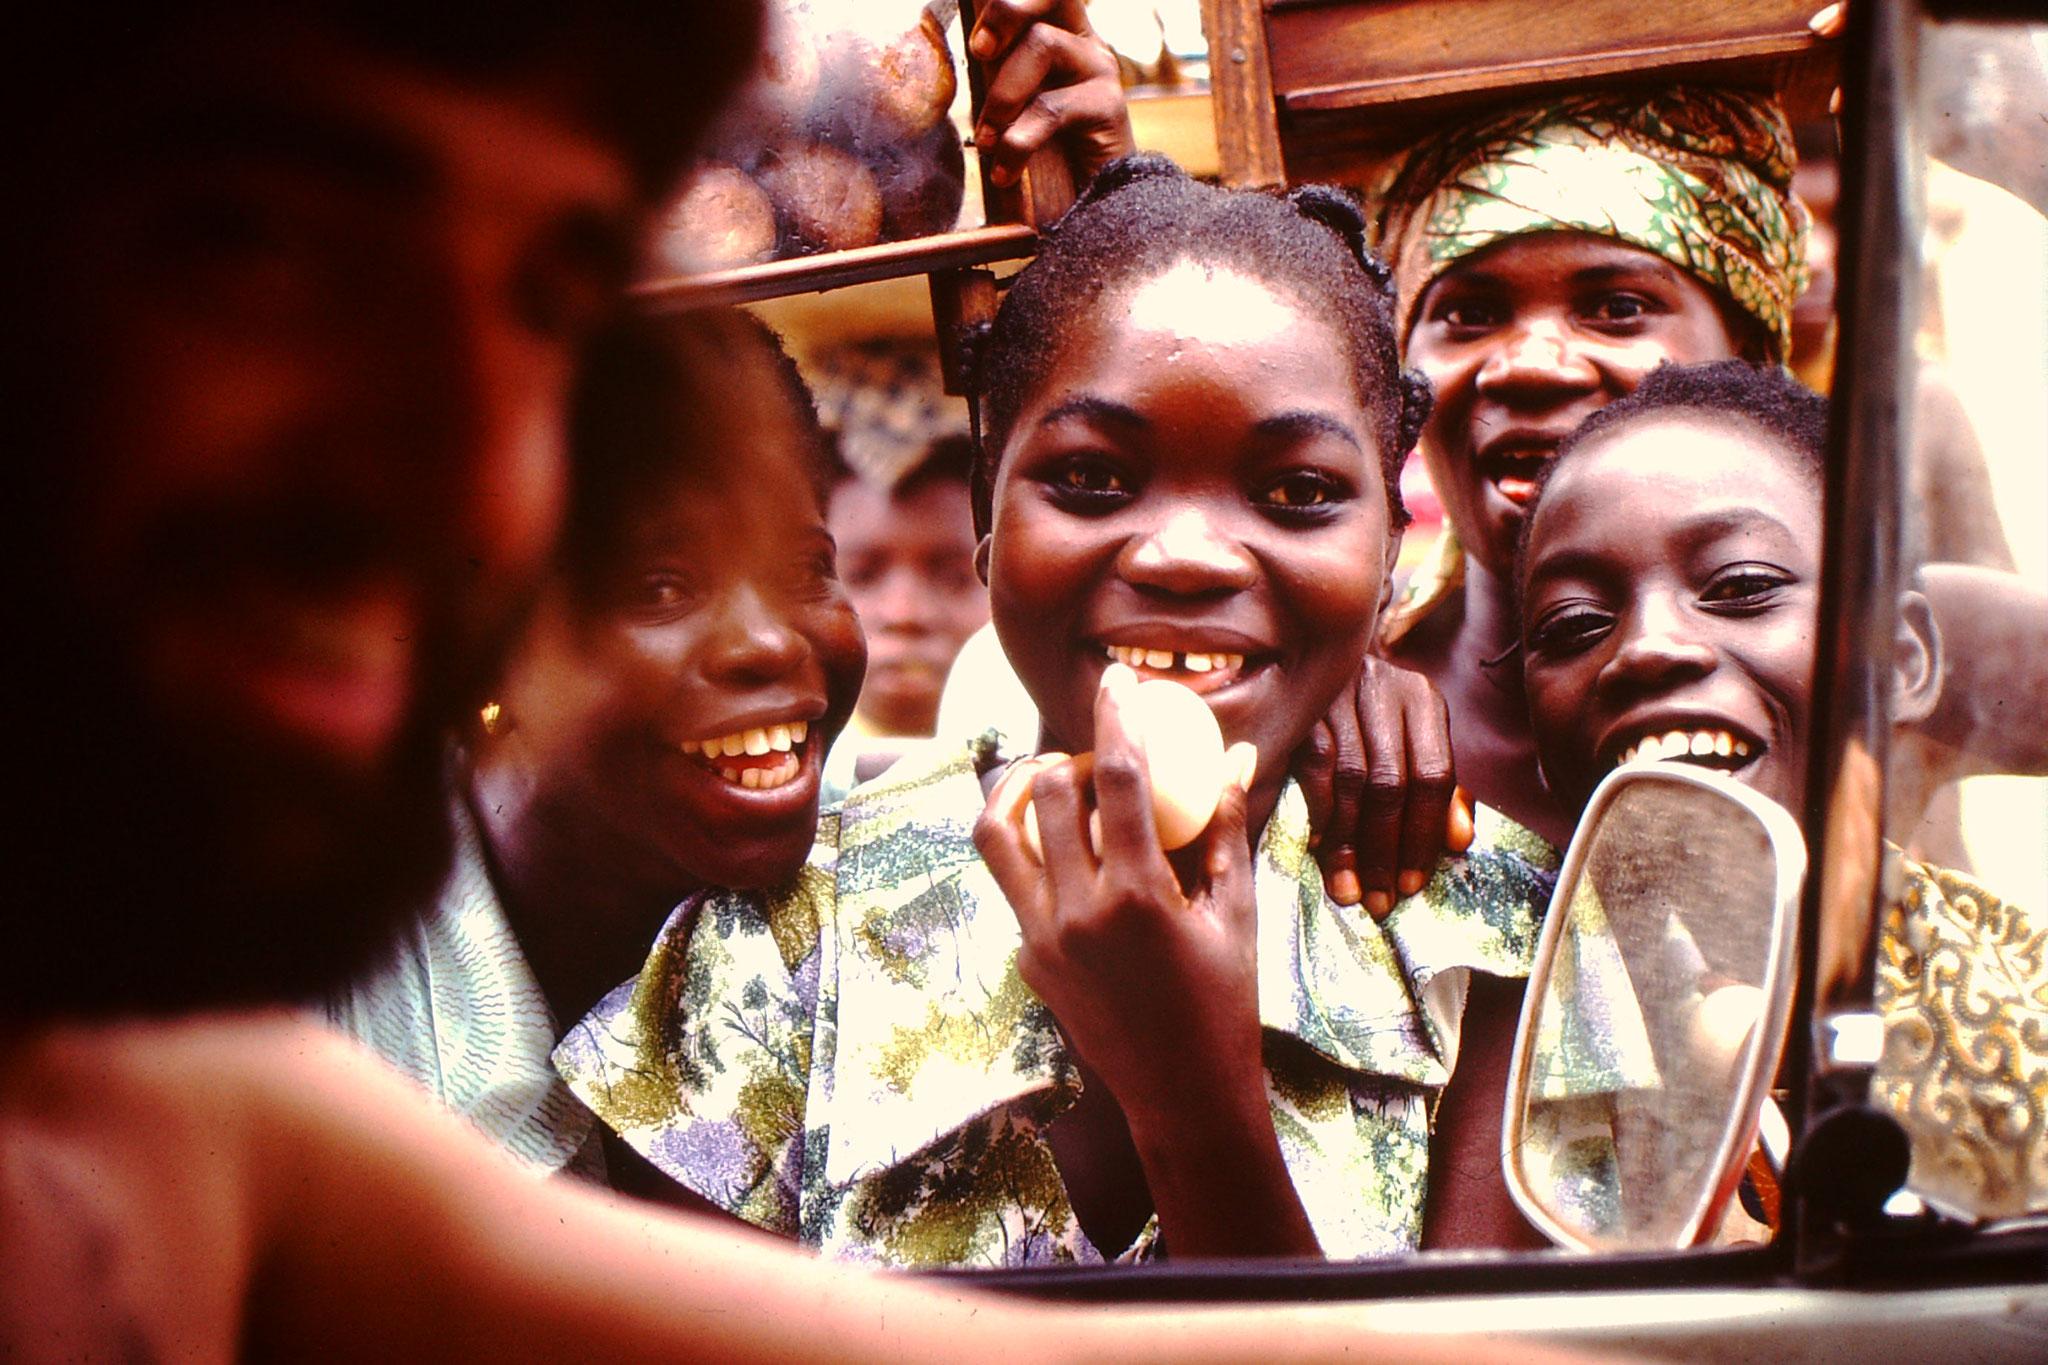 7. Überall wo wir anhielten kamen immer viele Leute. Diese Kinder wollten Eier verkaufen.